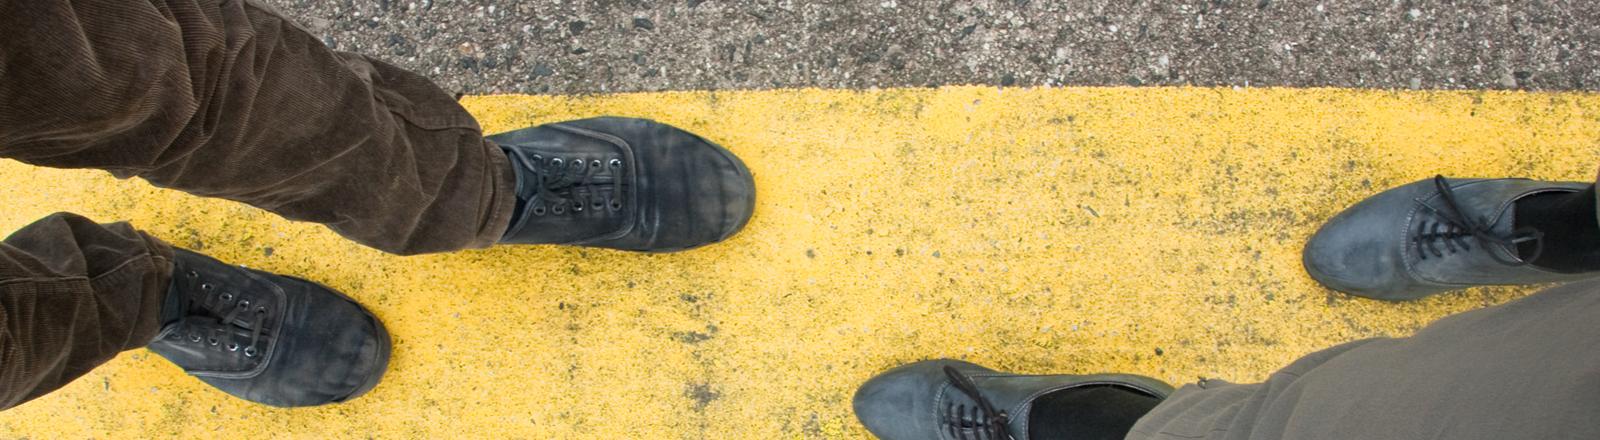 Zwei Menschen laufen auf einer Linie